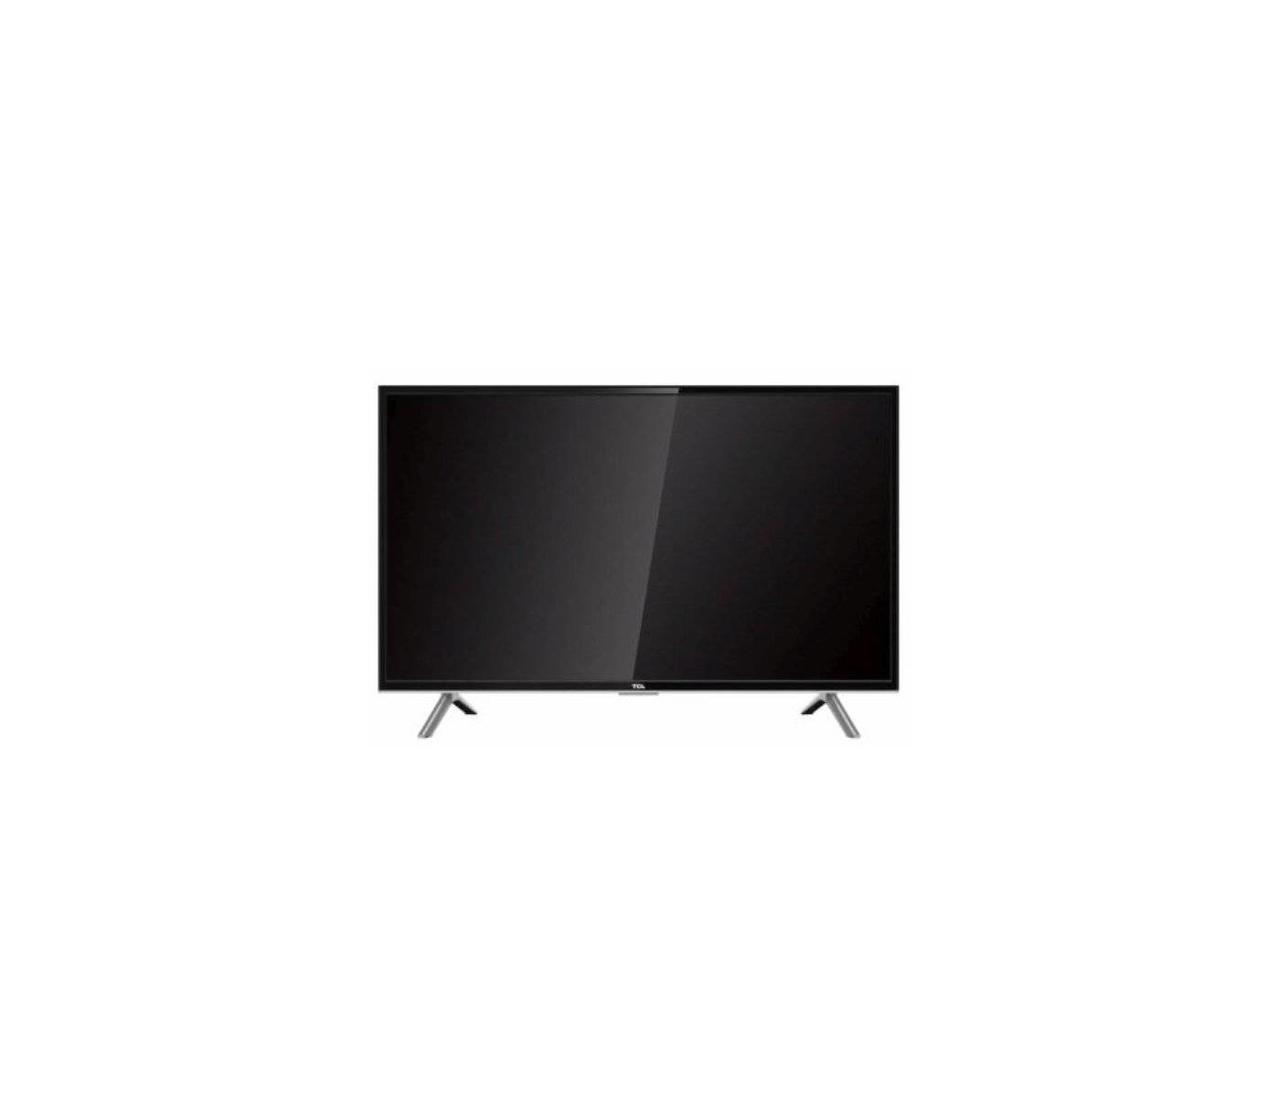 Телевизор LED Yasin LED-32E58TS 81 см Black без SMAT TV - фото 2